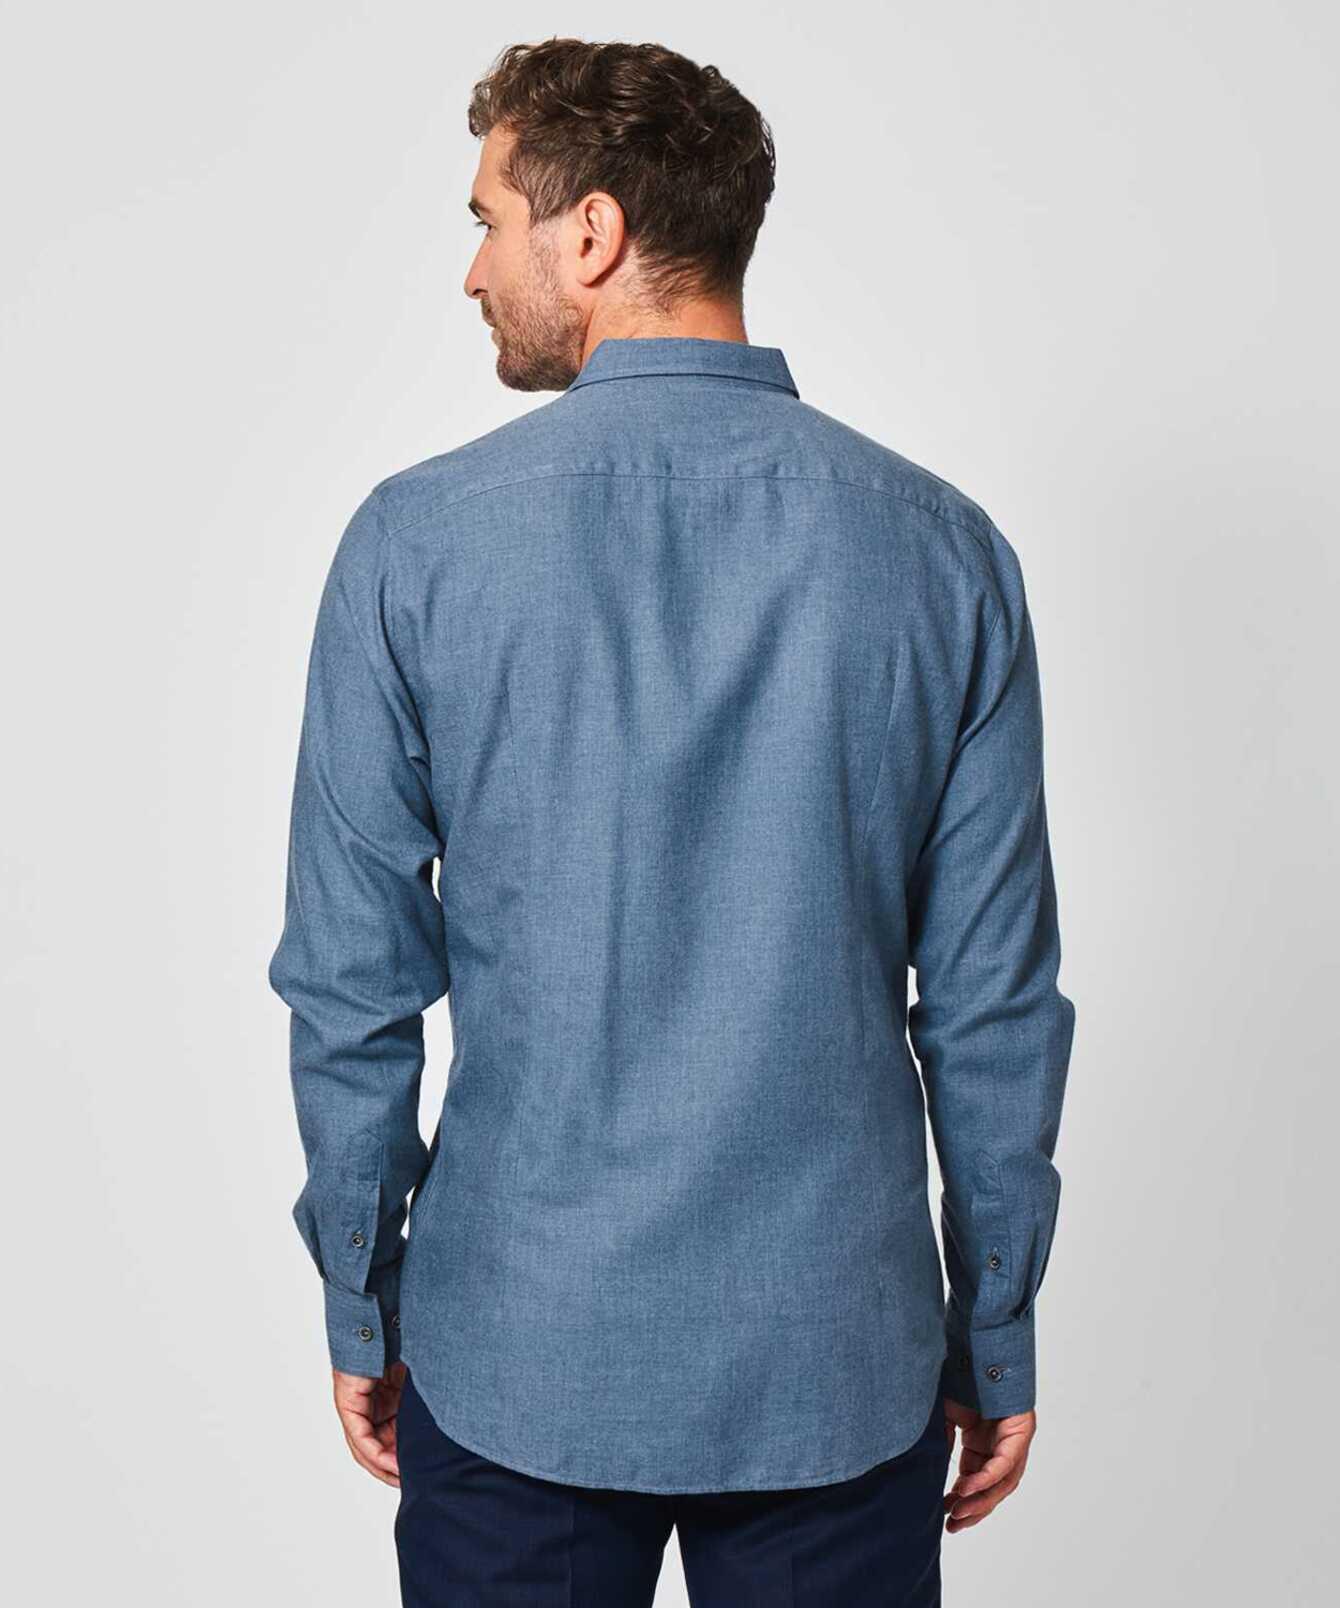 Shirt Costello Blue The Shirt Factory